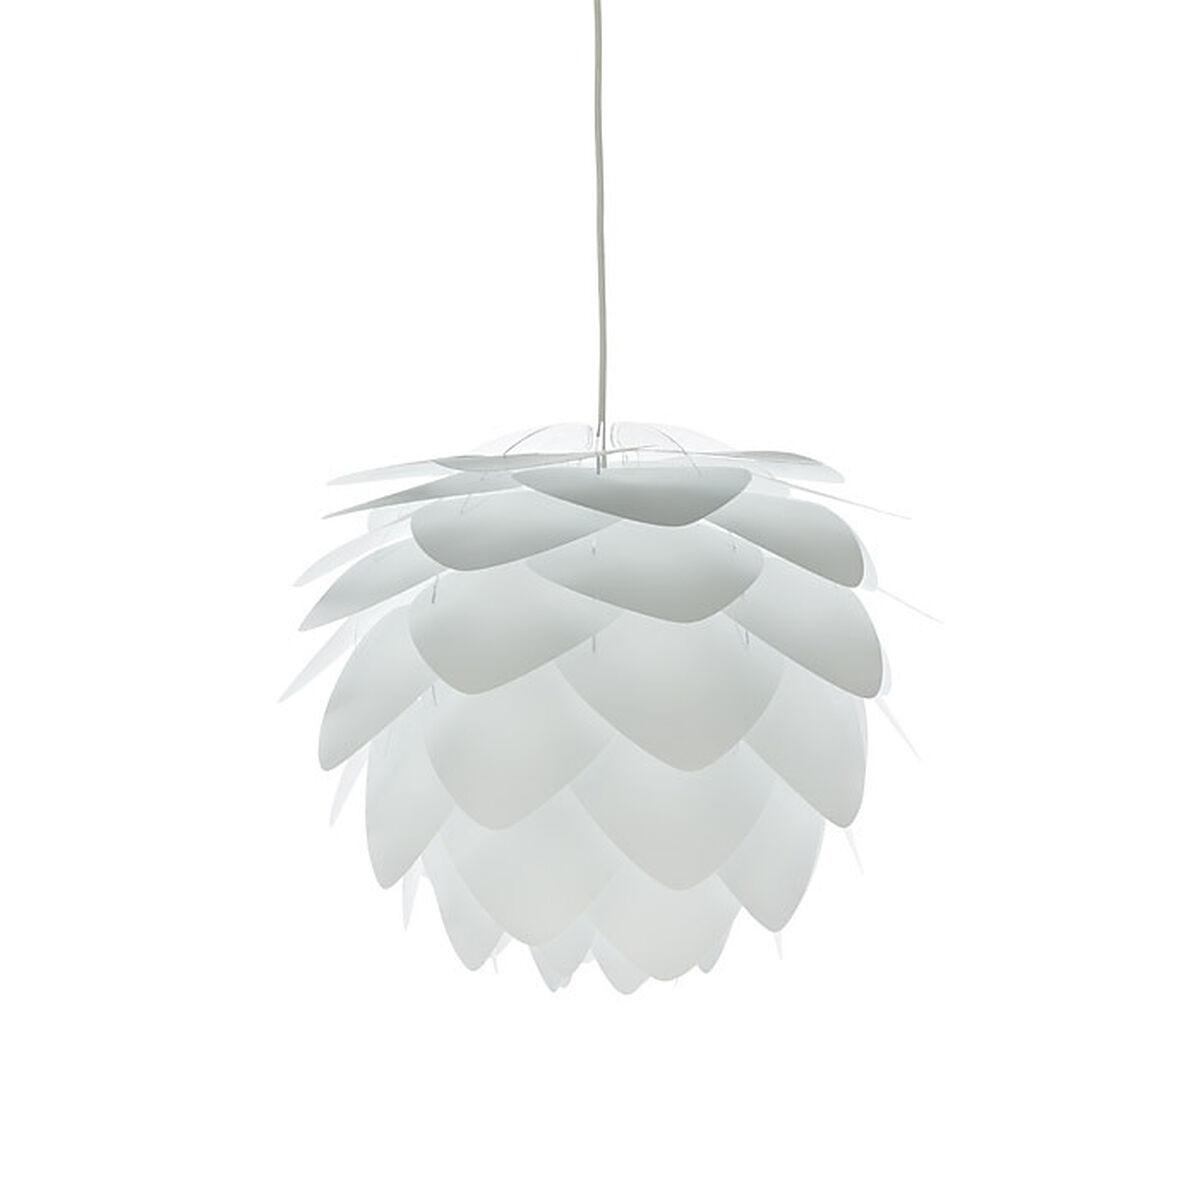 Designerlampe zerlegt, weiß